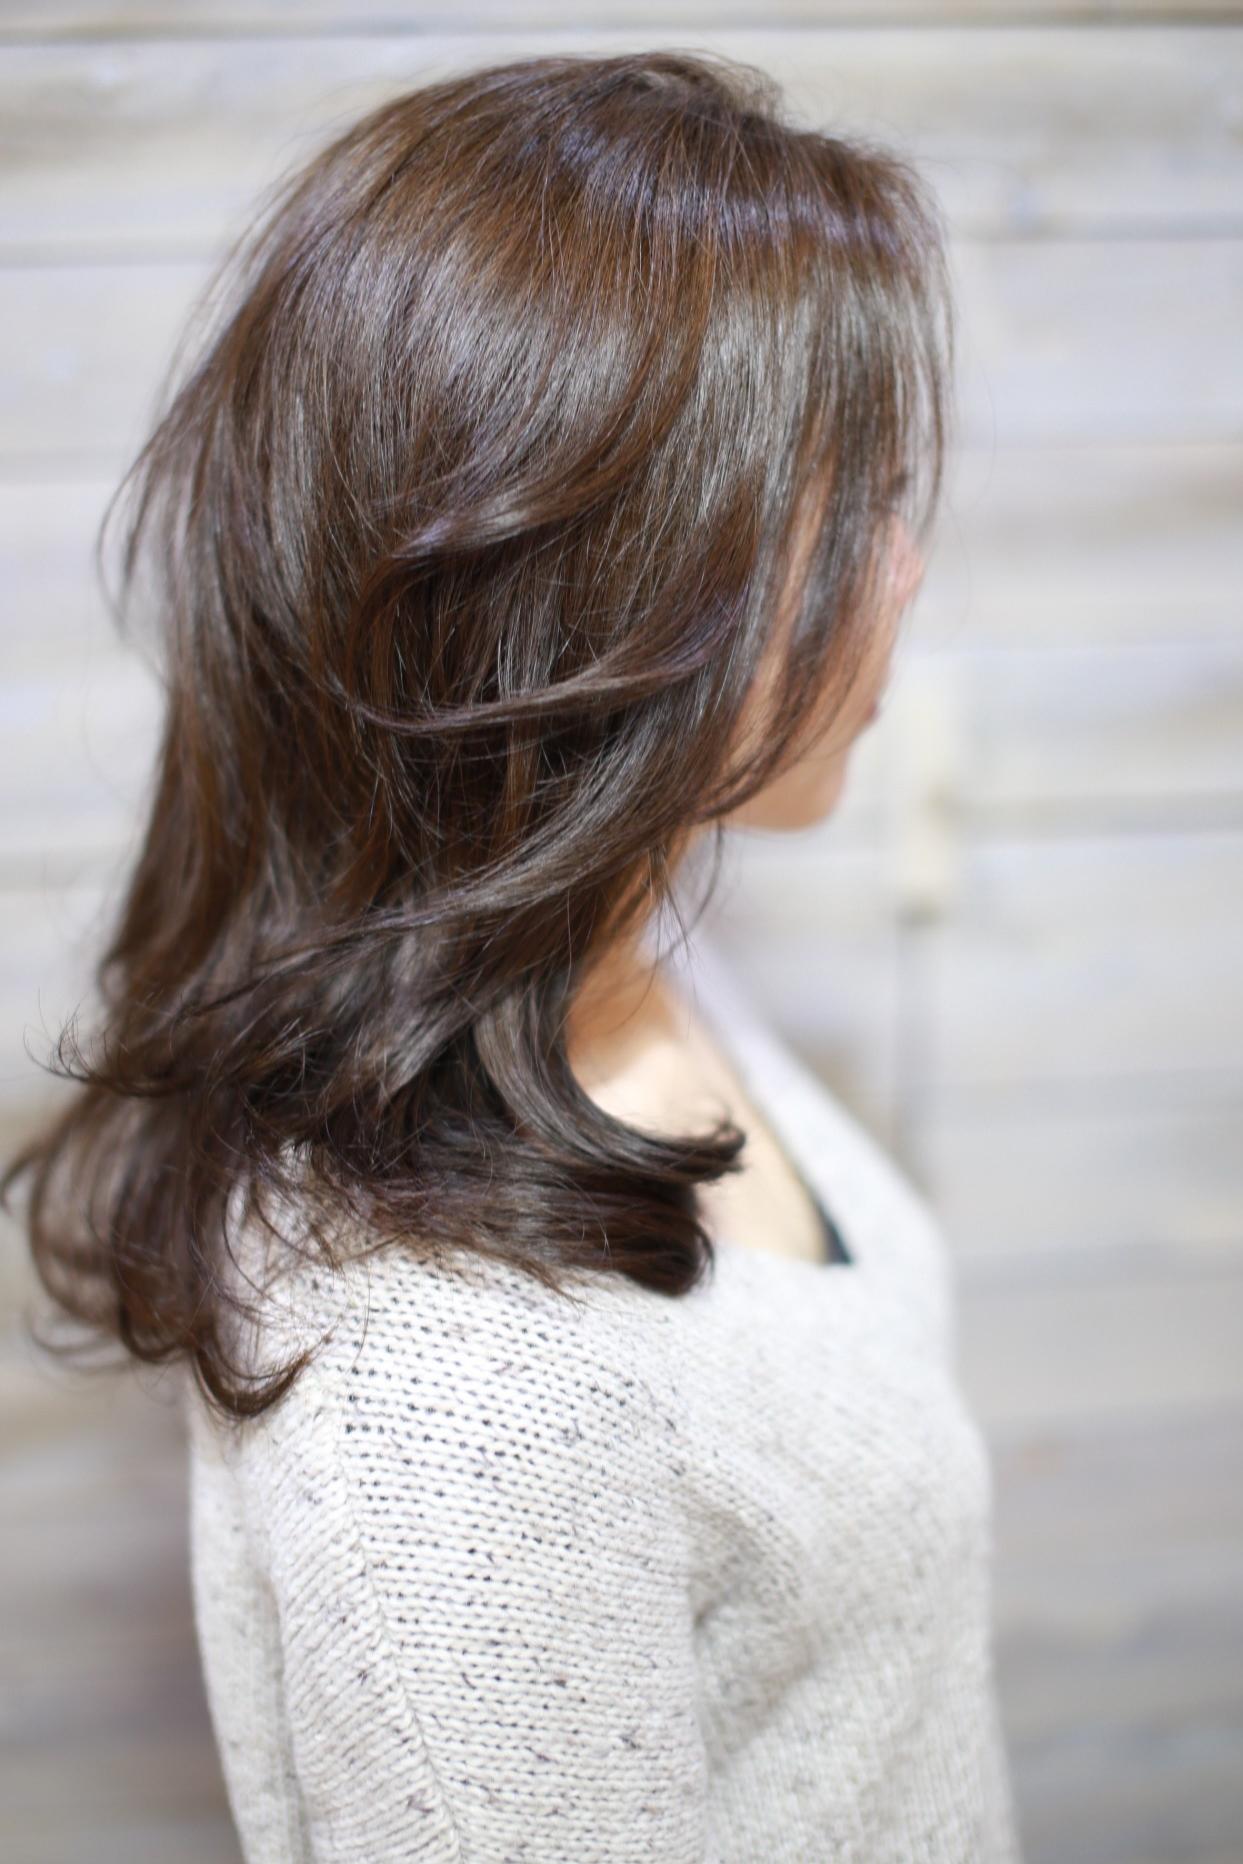 新宿のCOTA生トリートメントと外国人風のヘアスタイルが叶うヘアカラーがうまい美容室セイヴィアン